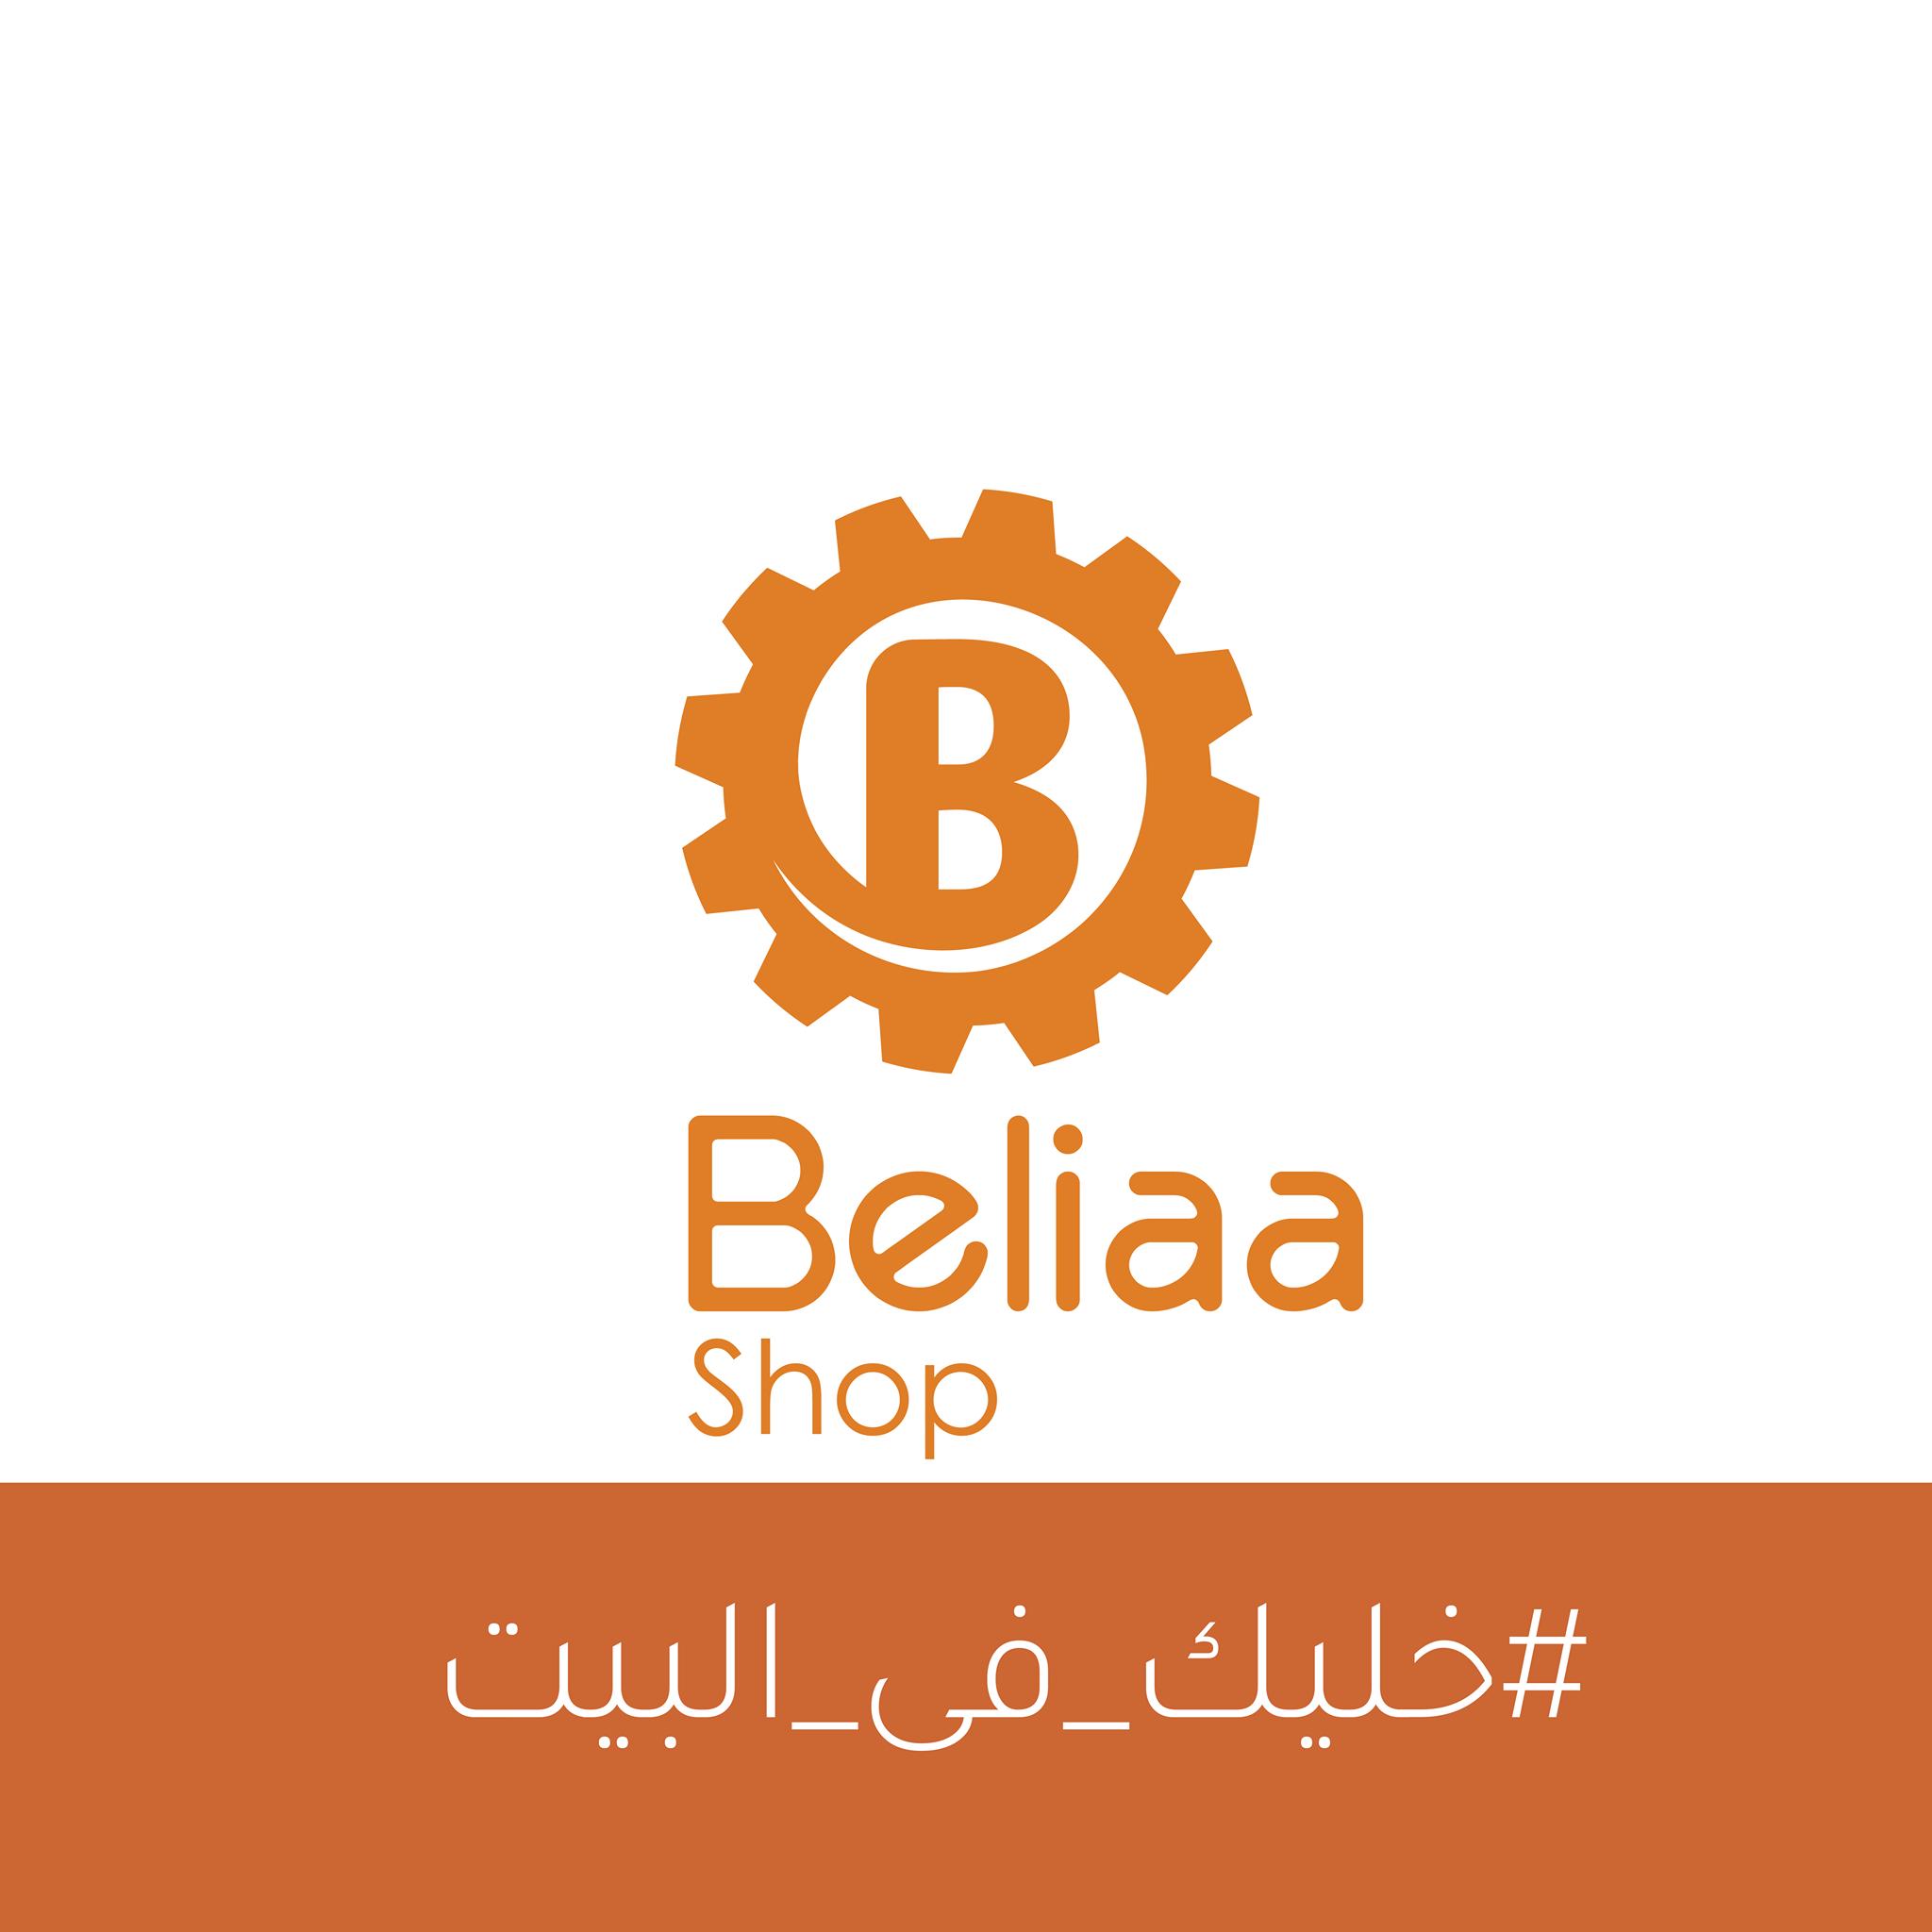 Beliaa Shop